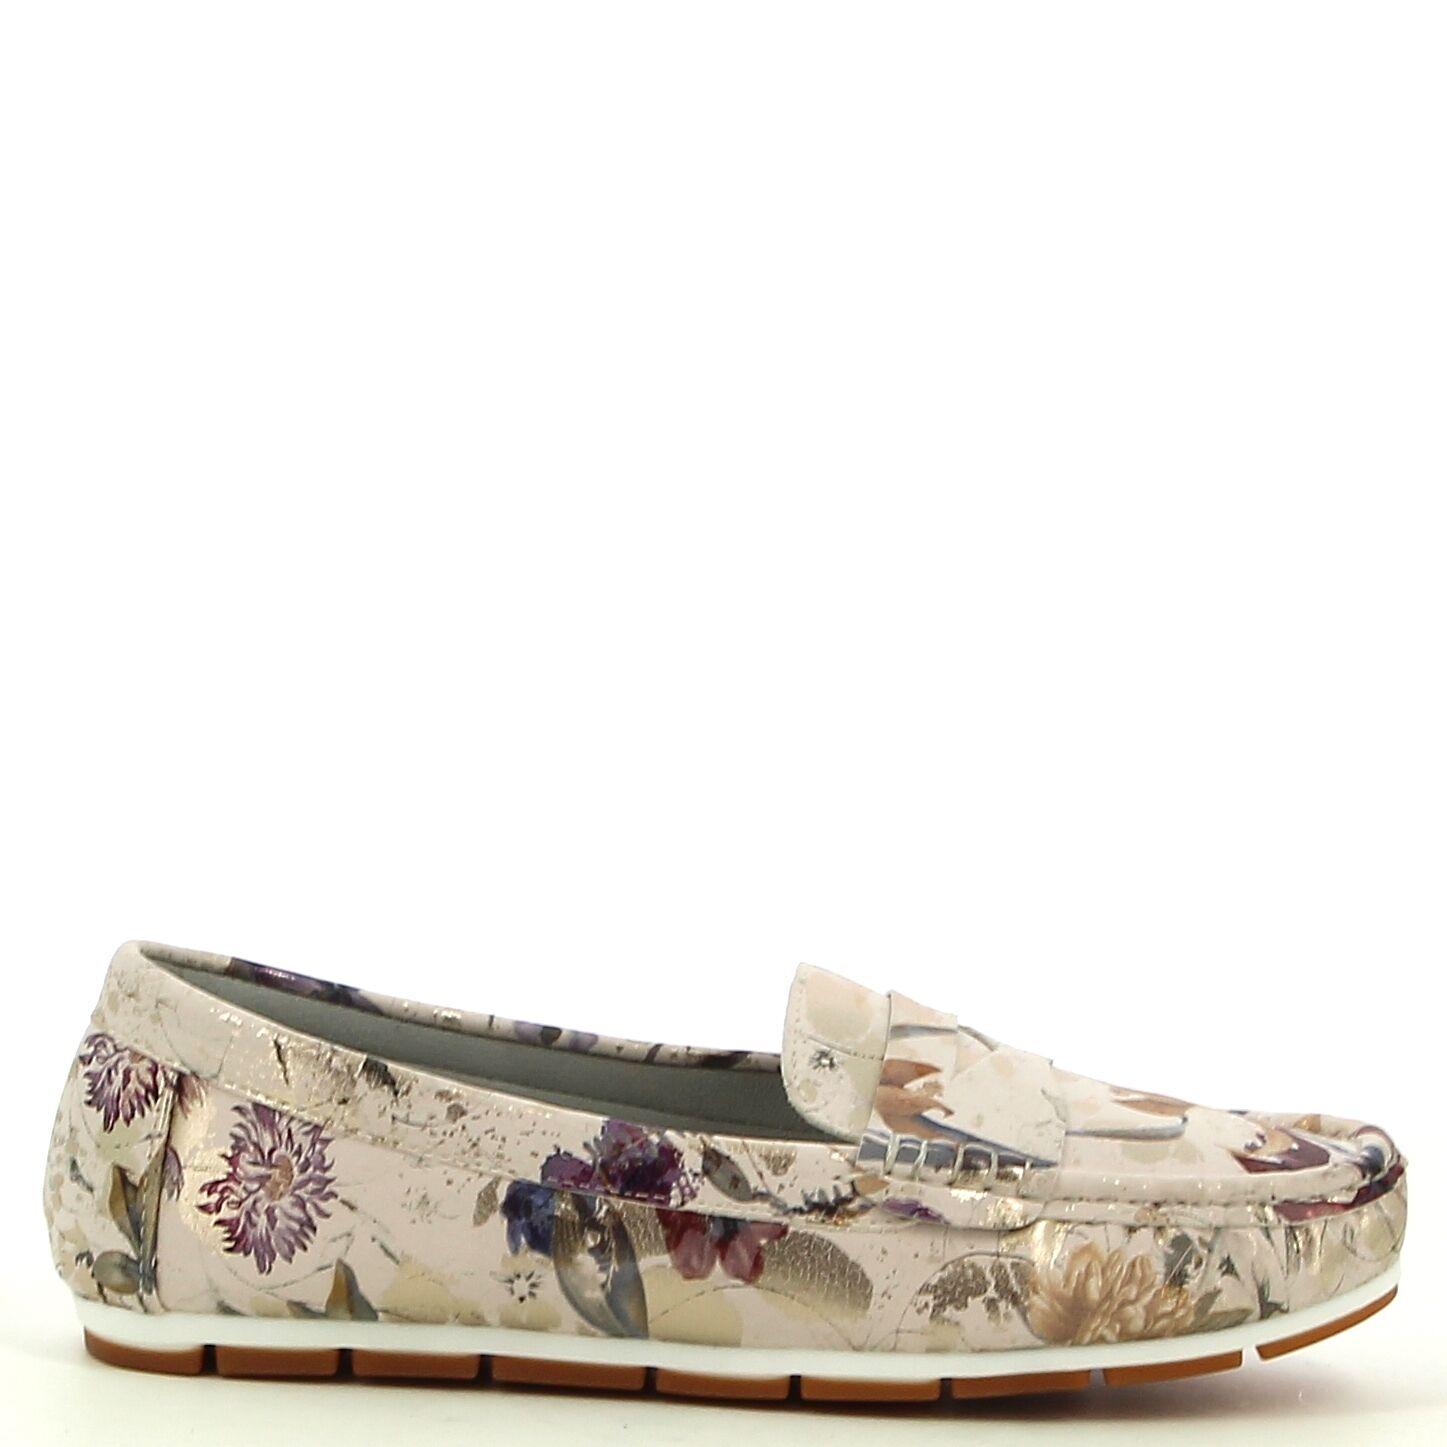 Ken Shoe Fashion - Beige met bloemenmotief - Instappers/Mocassins